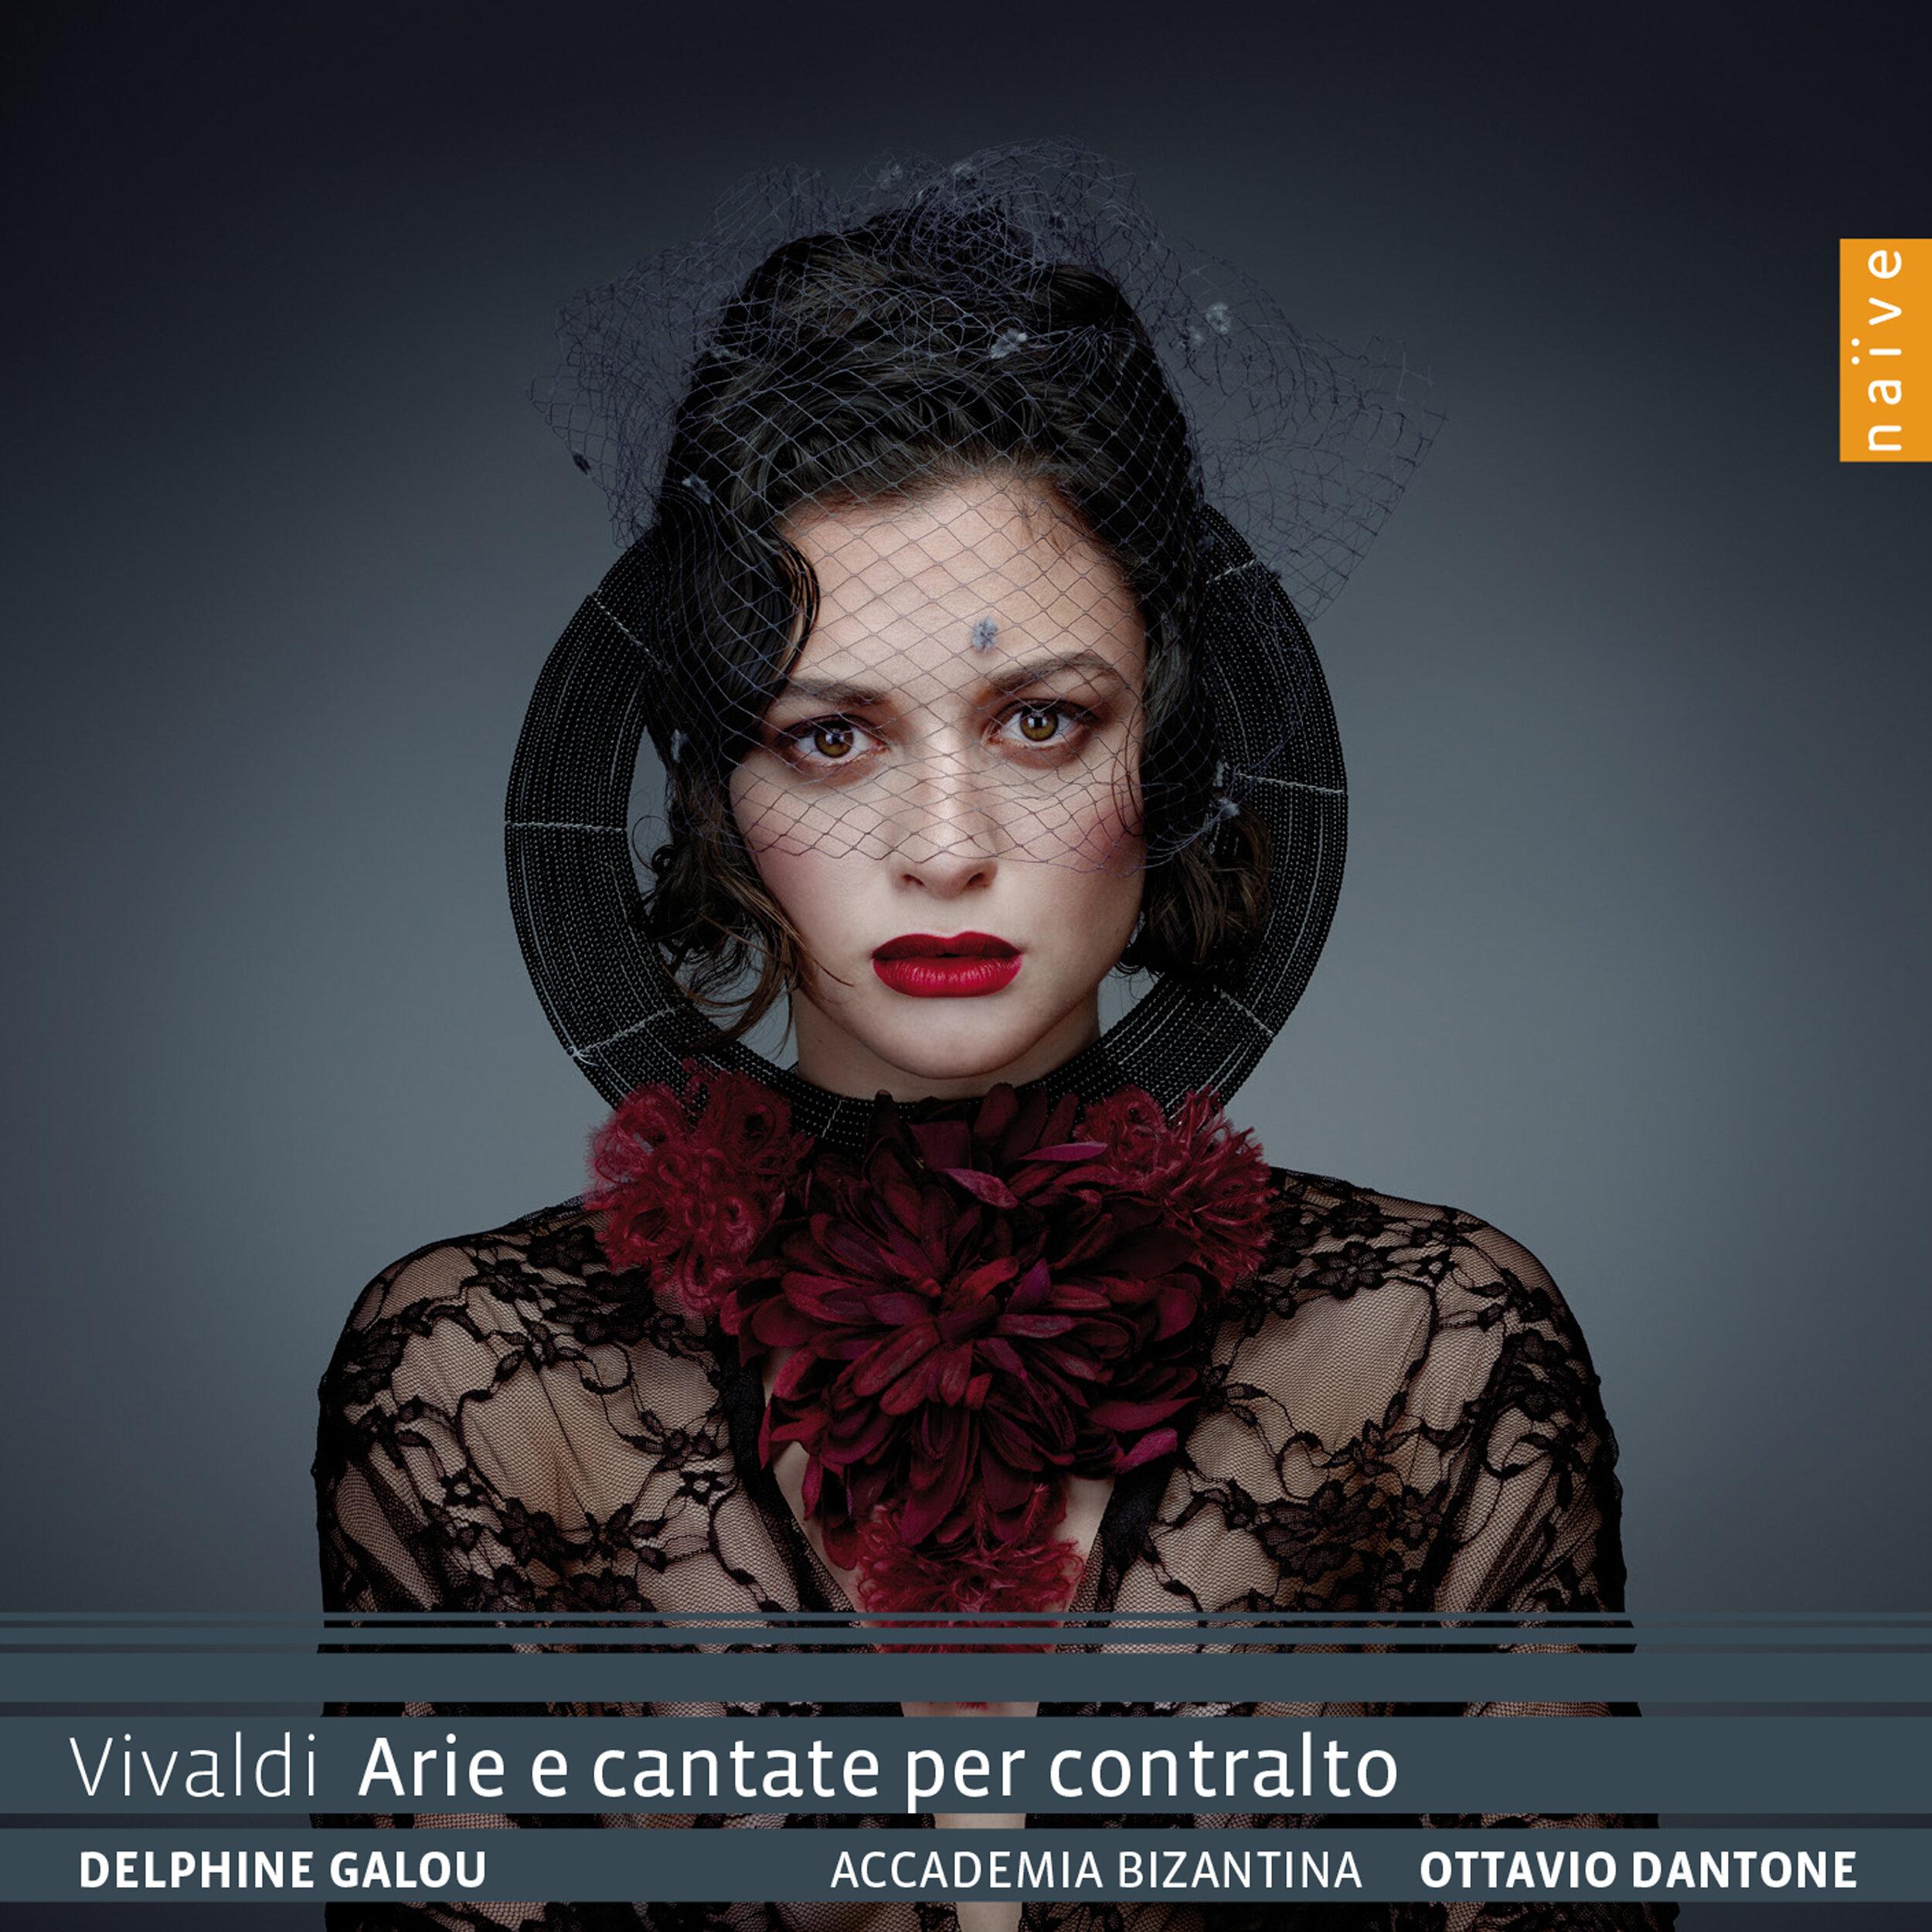 OP30584 K Vivaldi Arie e cantate per contralto Delphine Galou 3000x3000.jpg